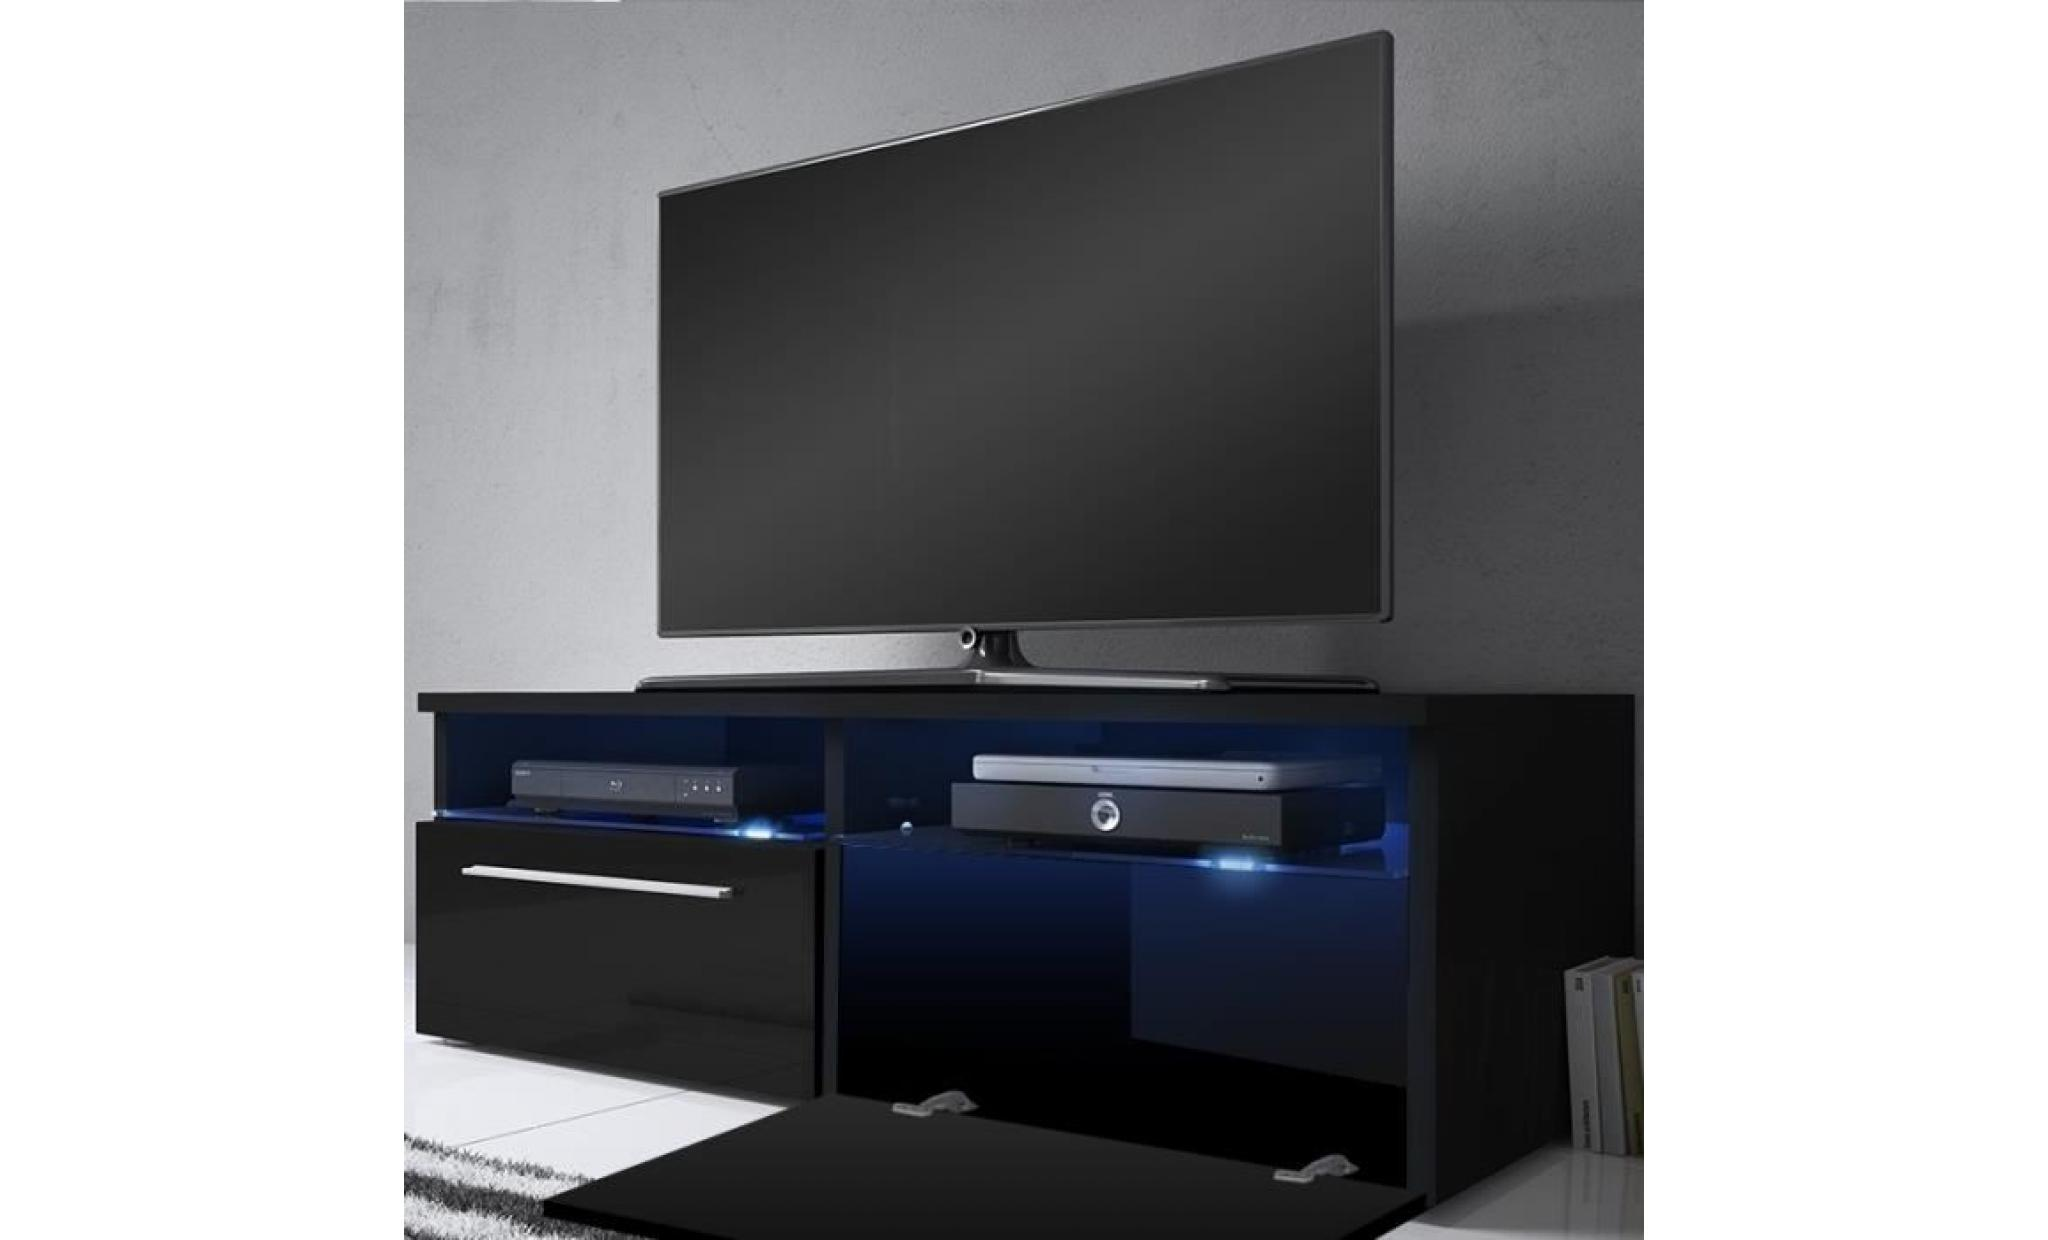 meuble tv meuble salon siena 100 cm noir mat noir brillant avec led bleue style moderne style classique achat vente meuble tv pas cher couleur et design fr